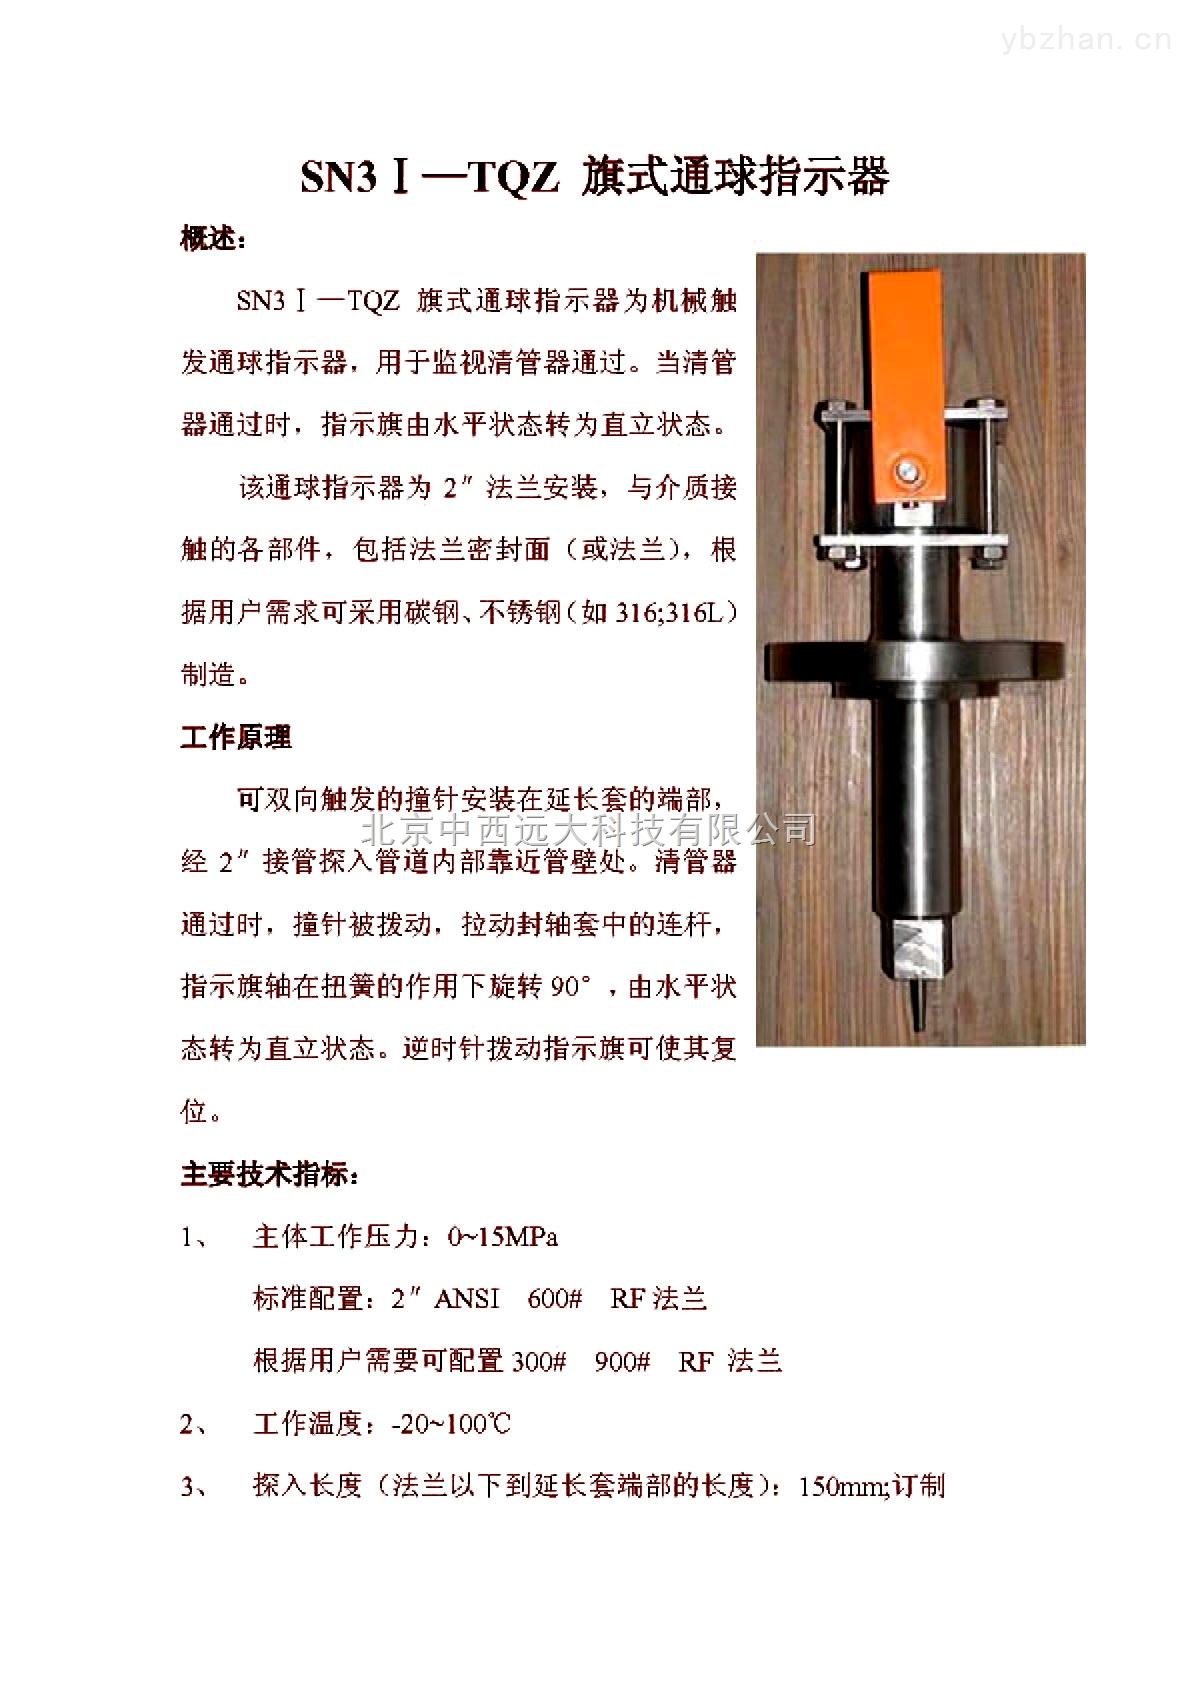 庫號:M306936-旗式通球指示器(不銹鋼) 型號:SNYS12-SN3-TQZ